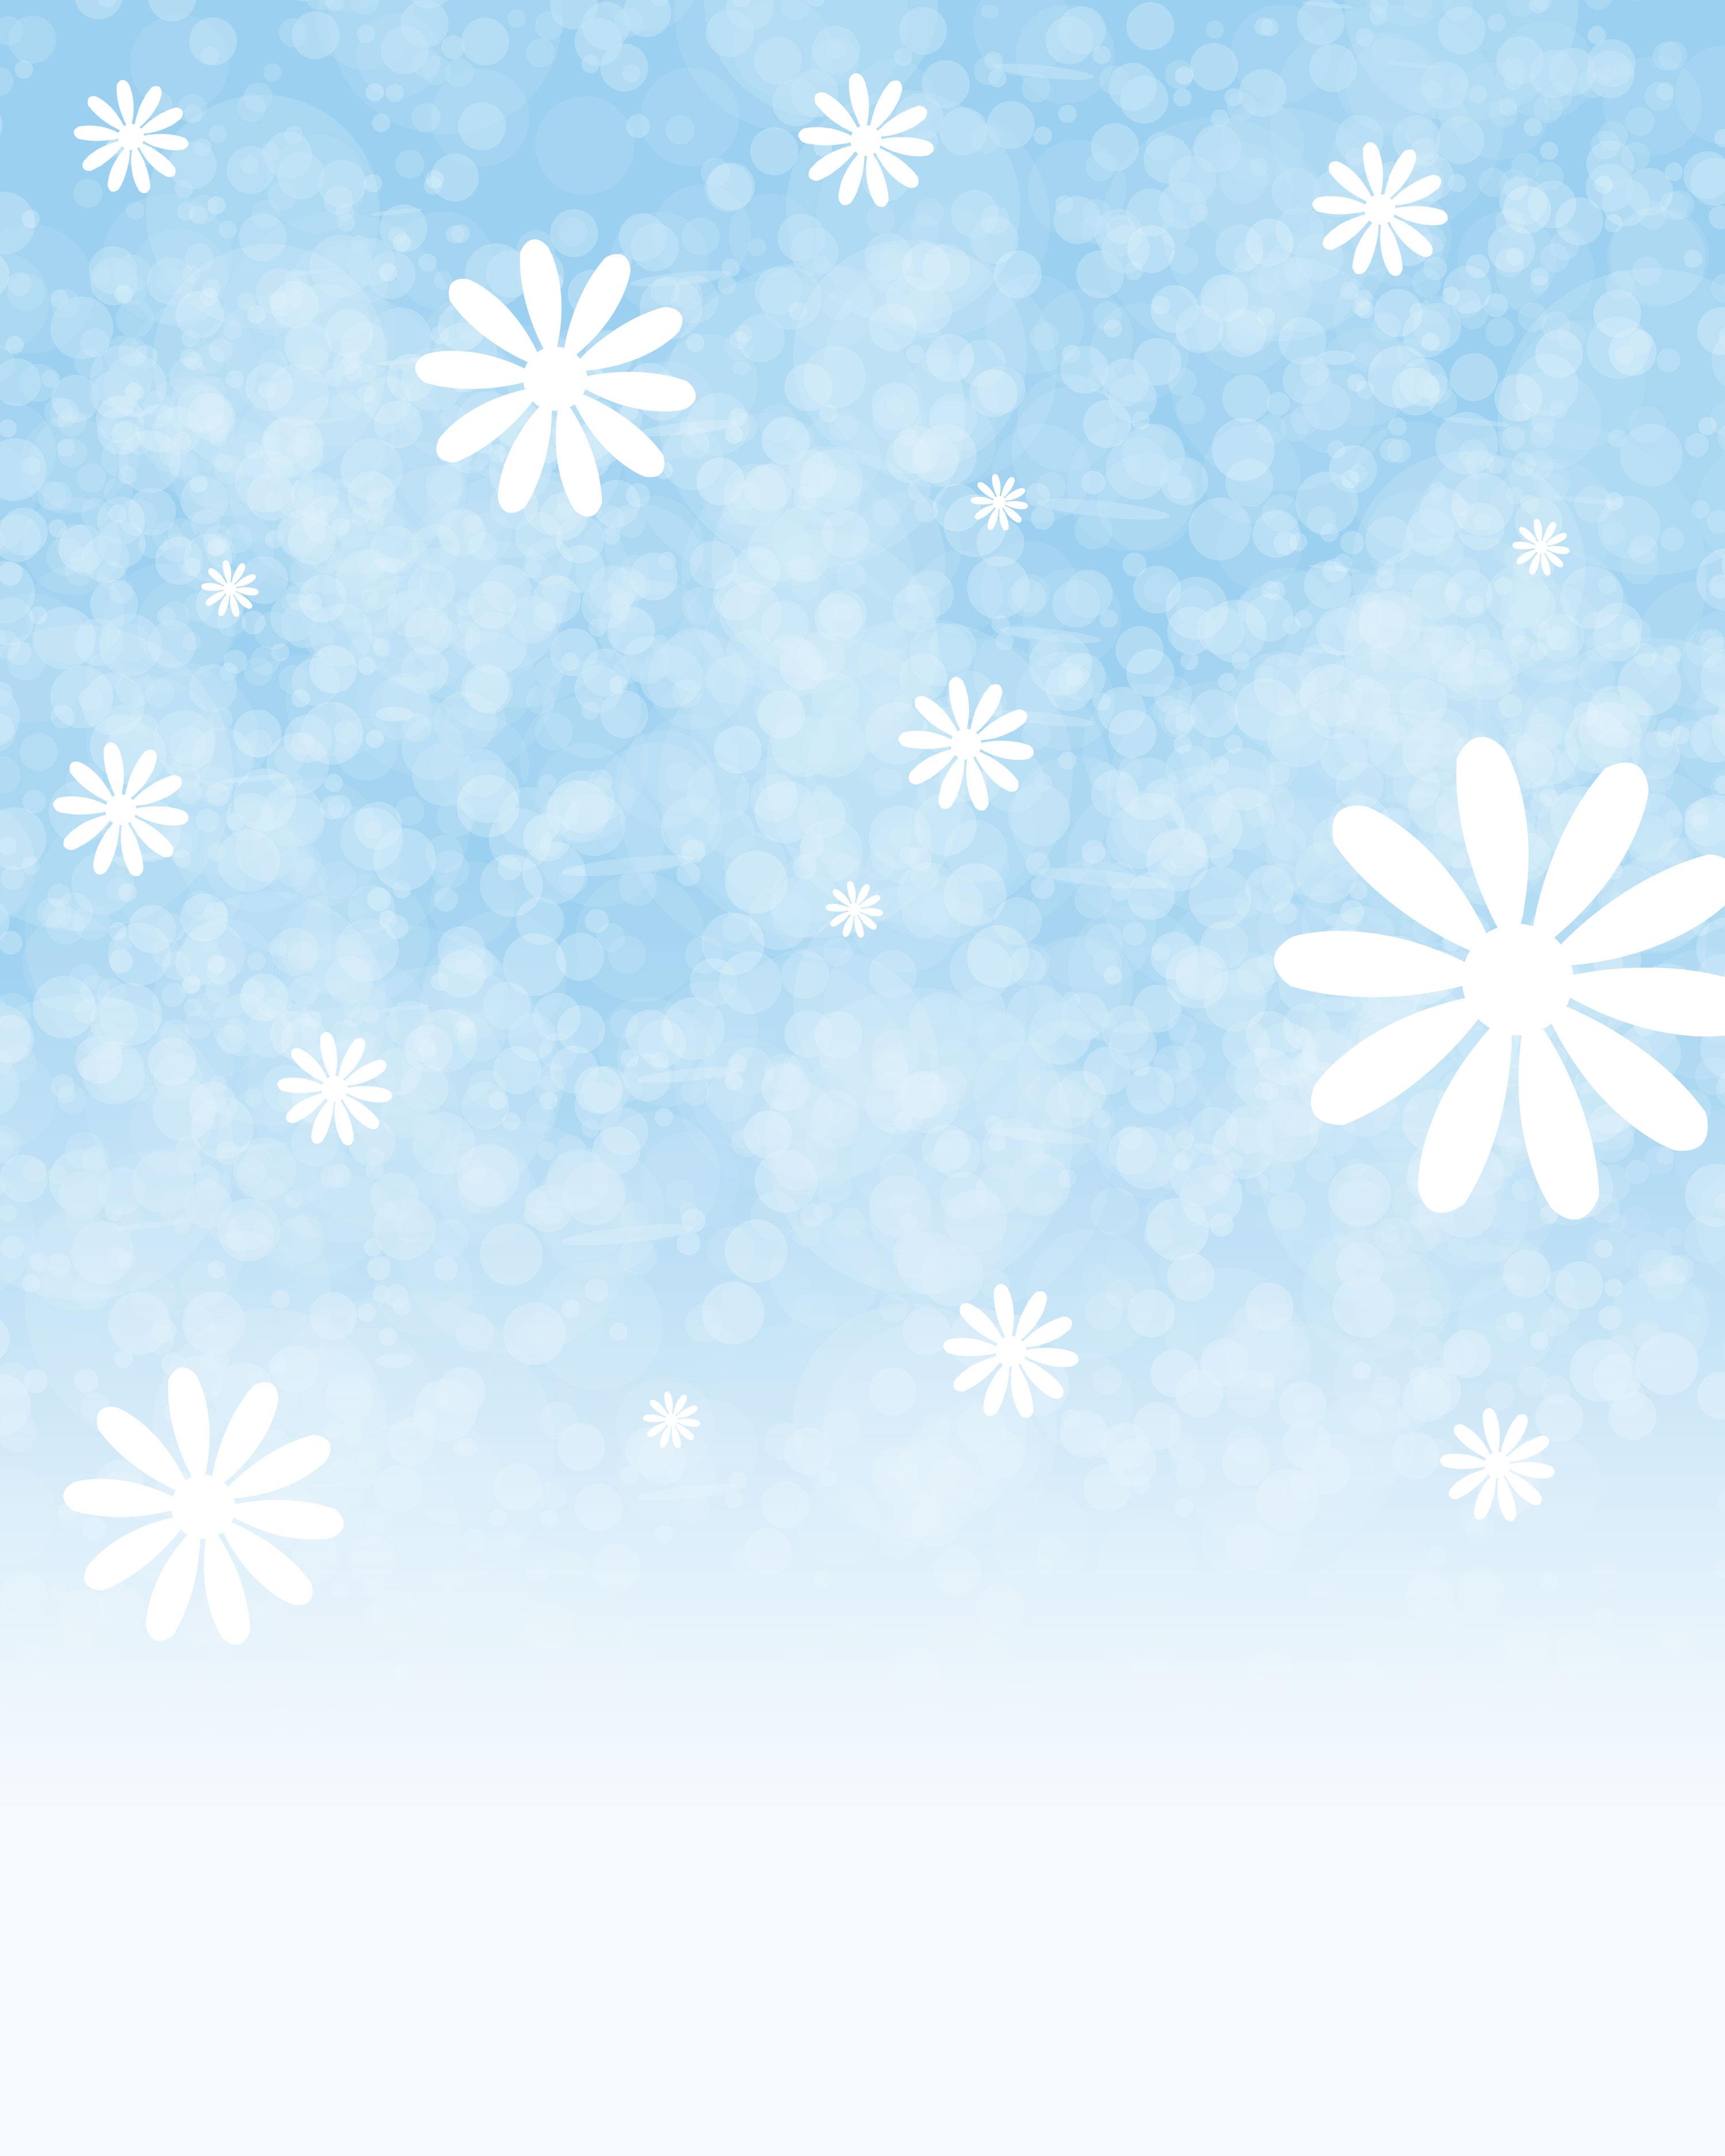 花のイラスト・フリー素材/壁紙・背景no.534『青い空・白い雪花』